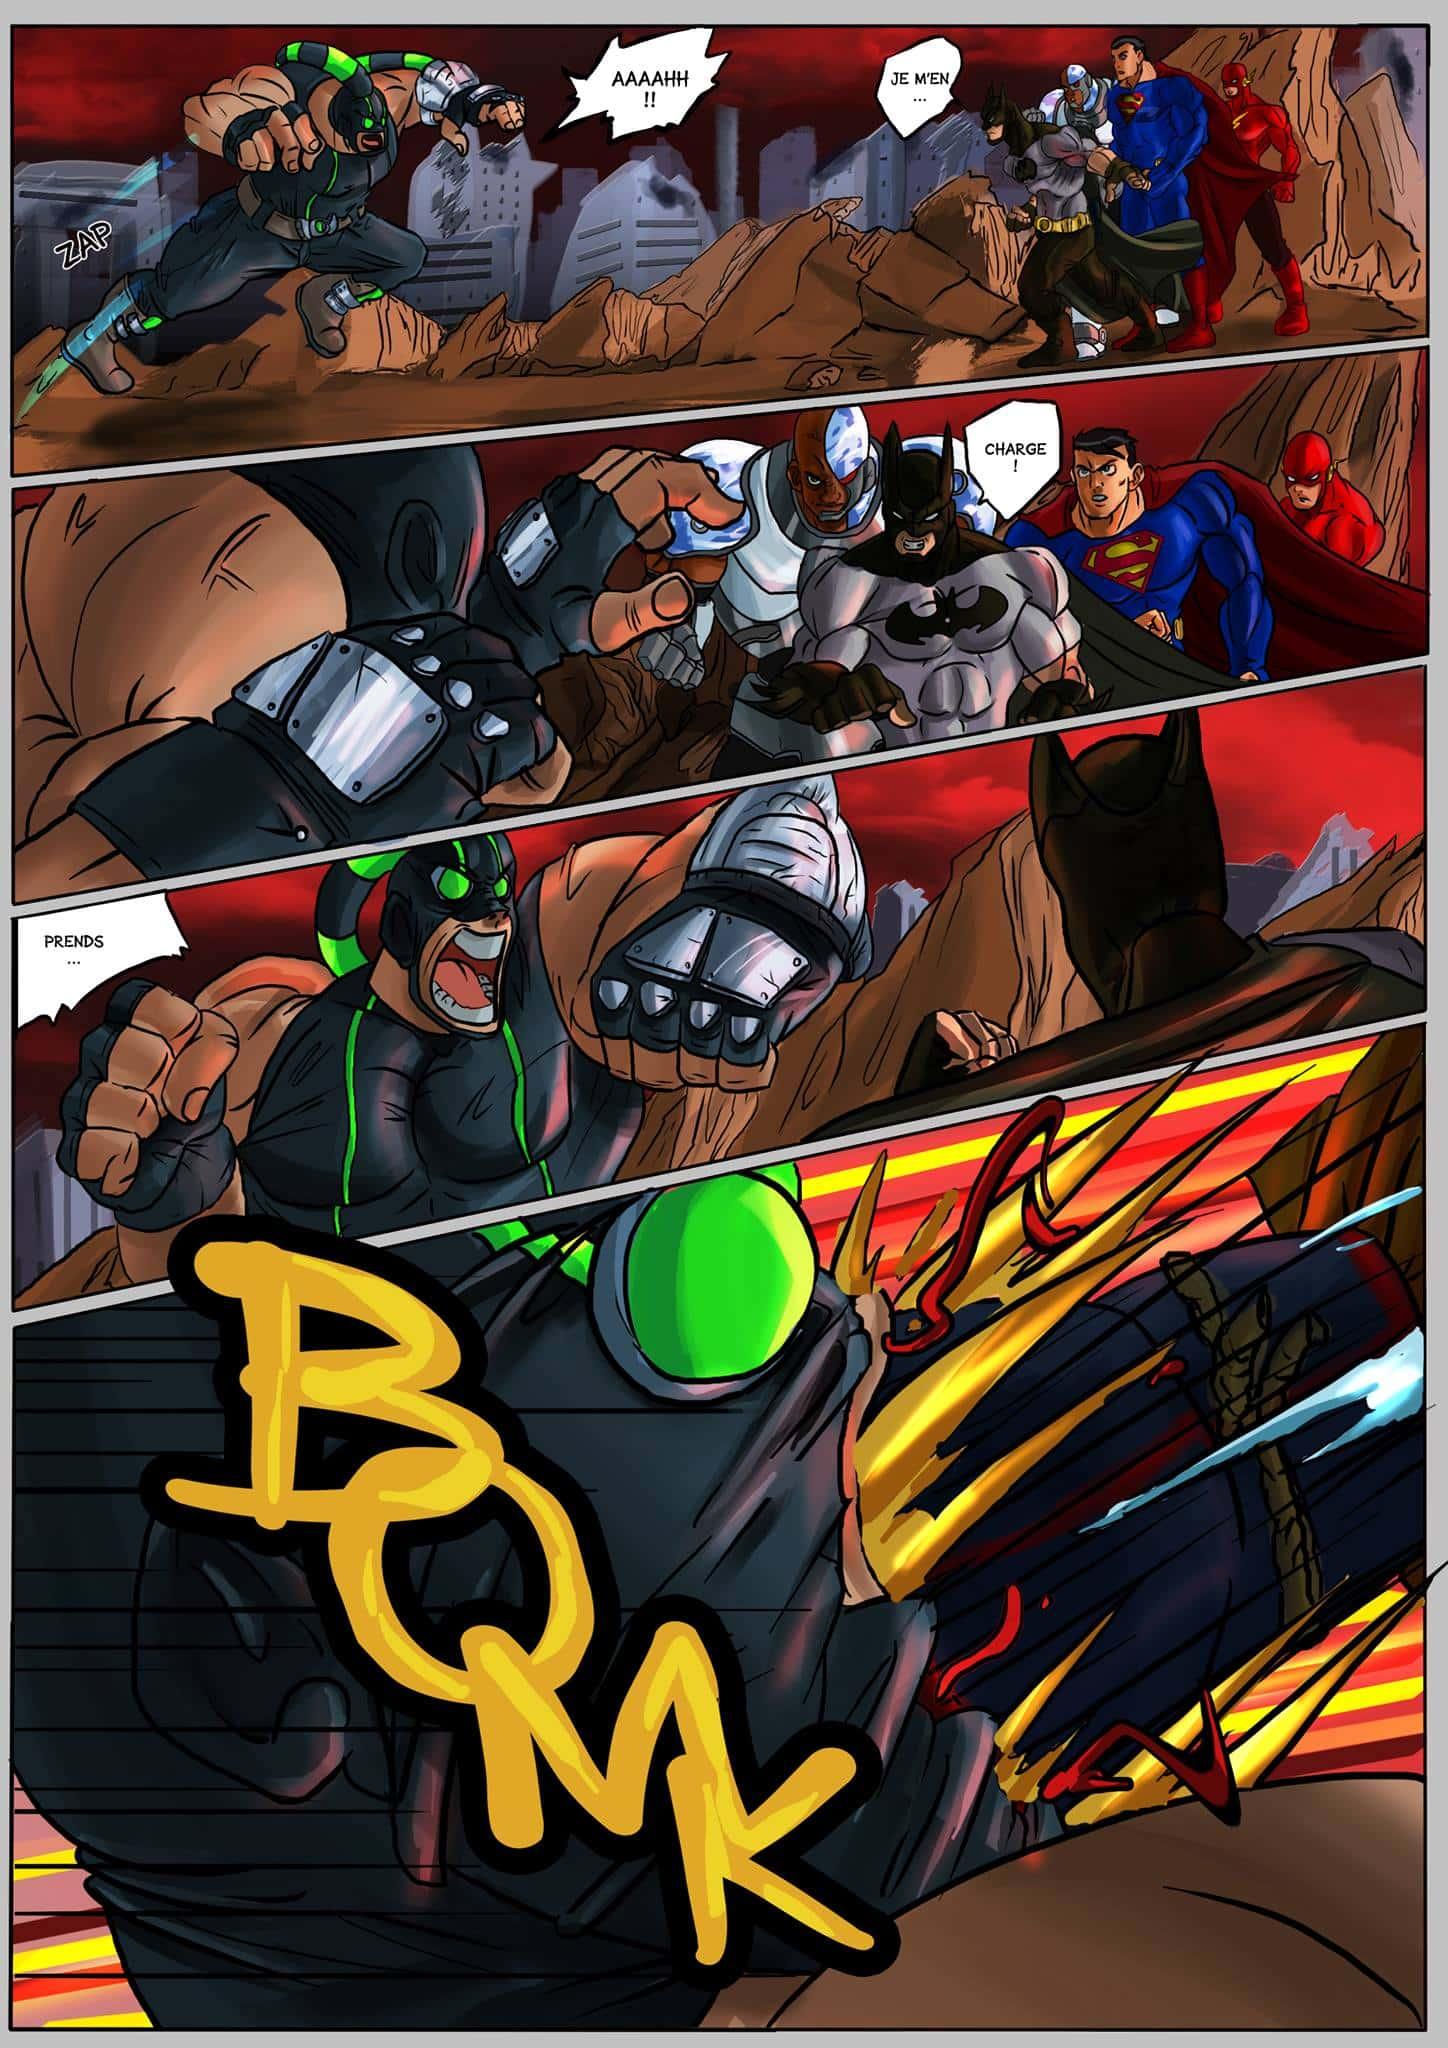 Justice league goku - 17